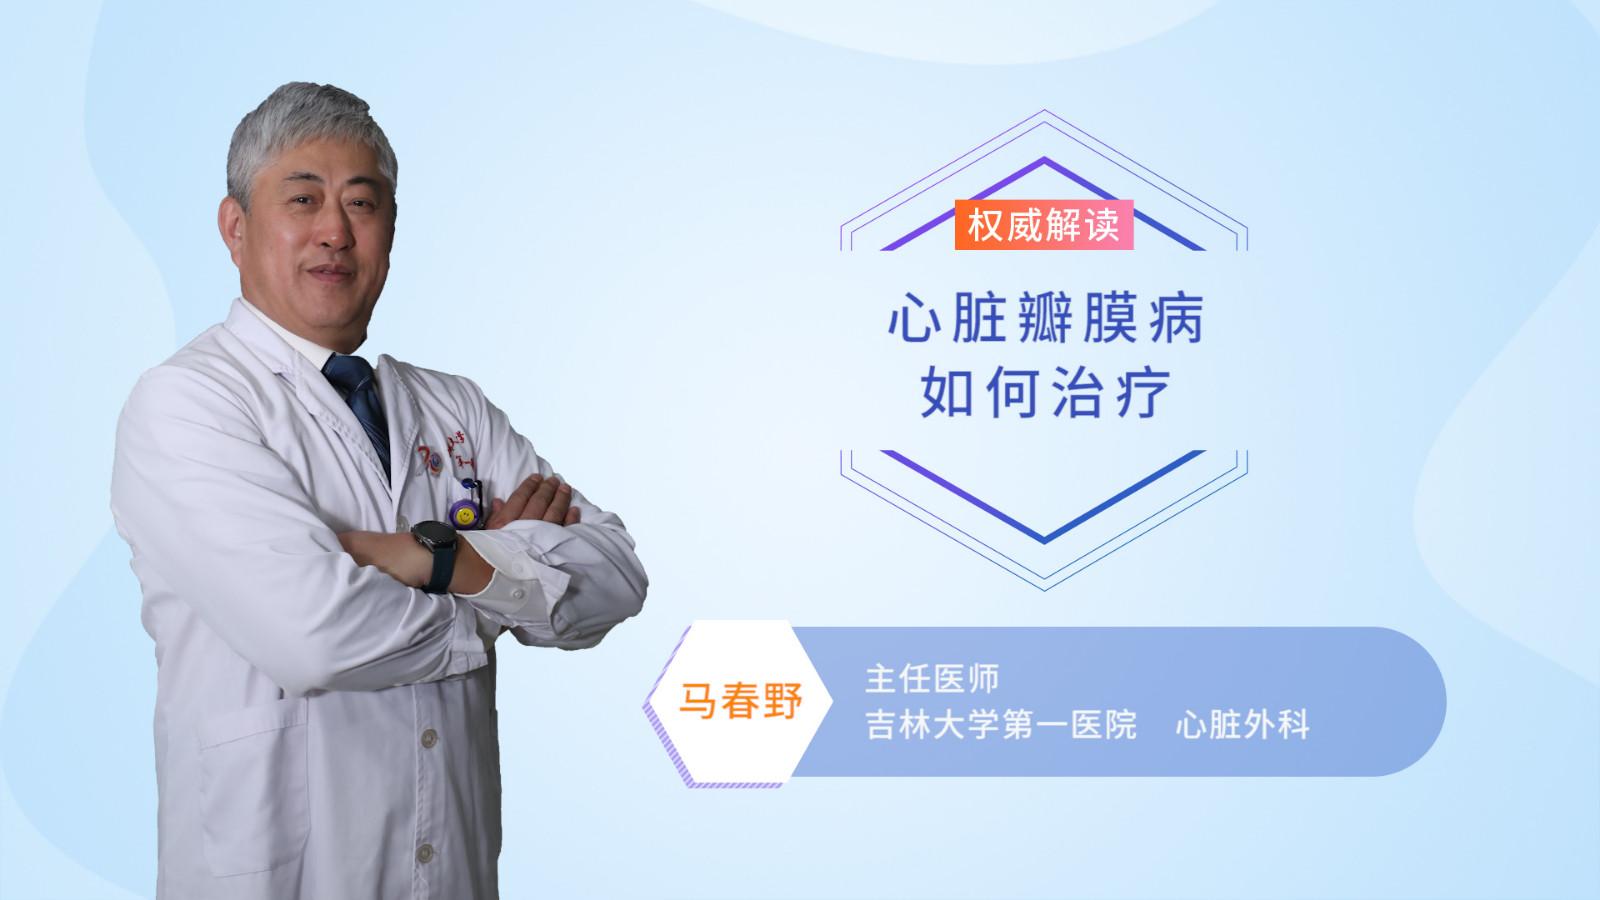 心脏瓣膜病如何治疗